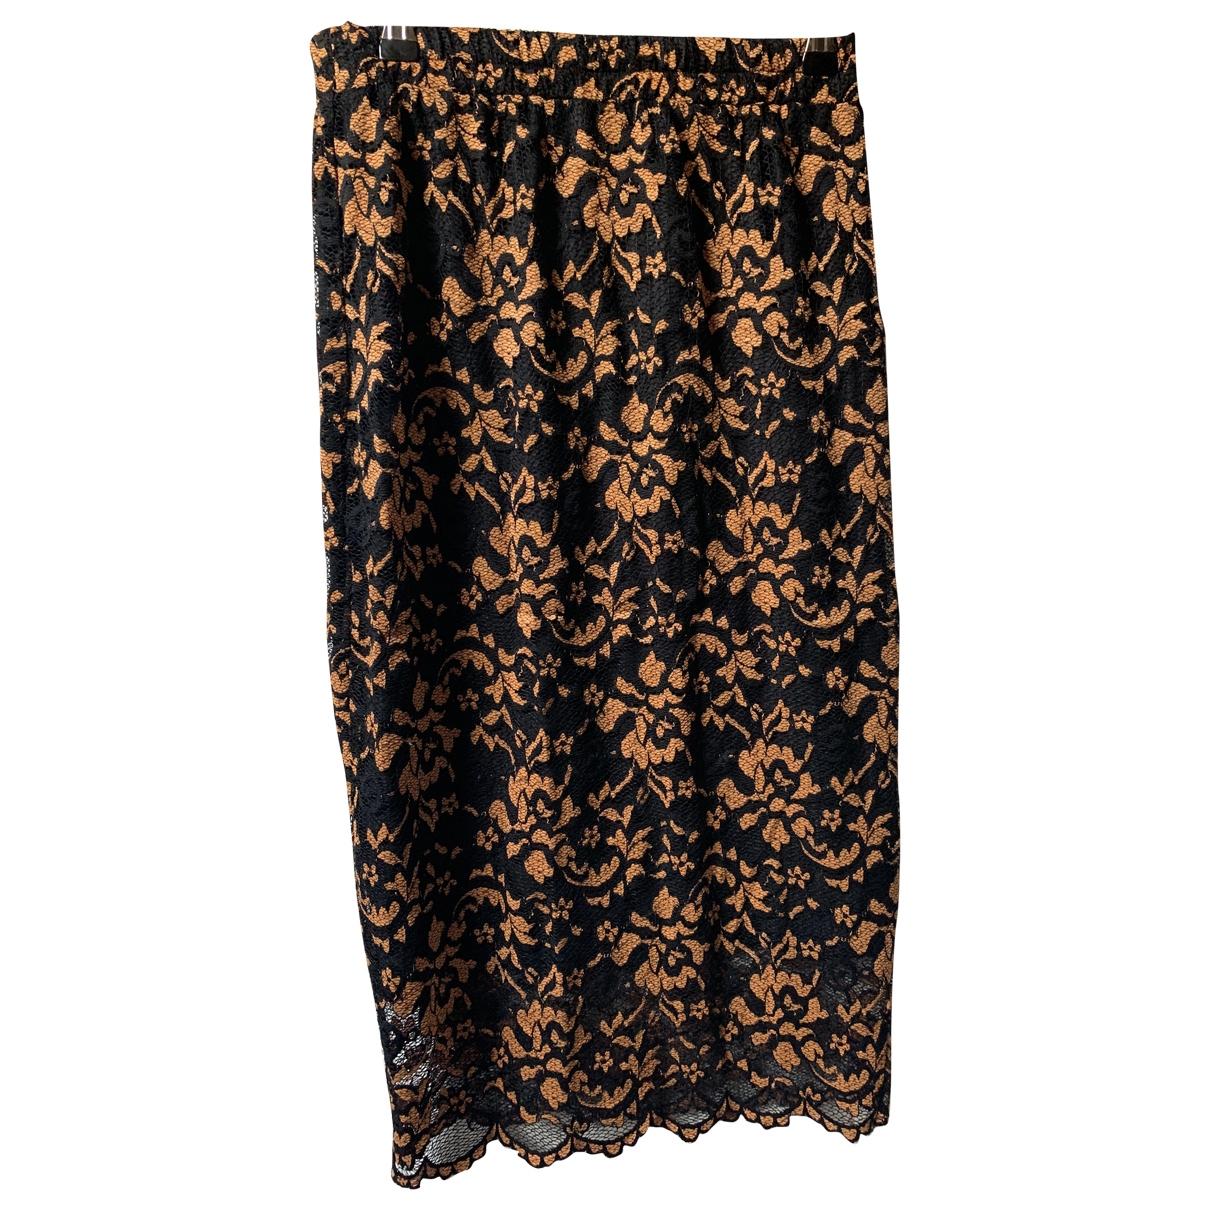 Ganni \N Black skirt for Women M International